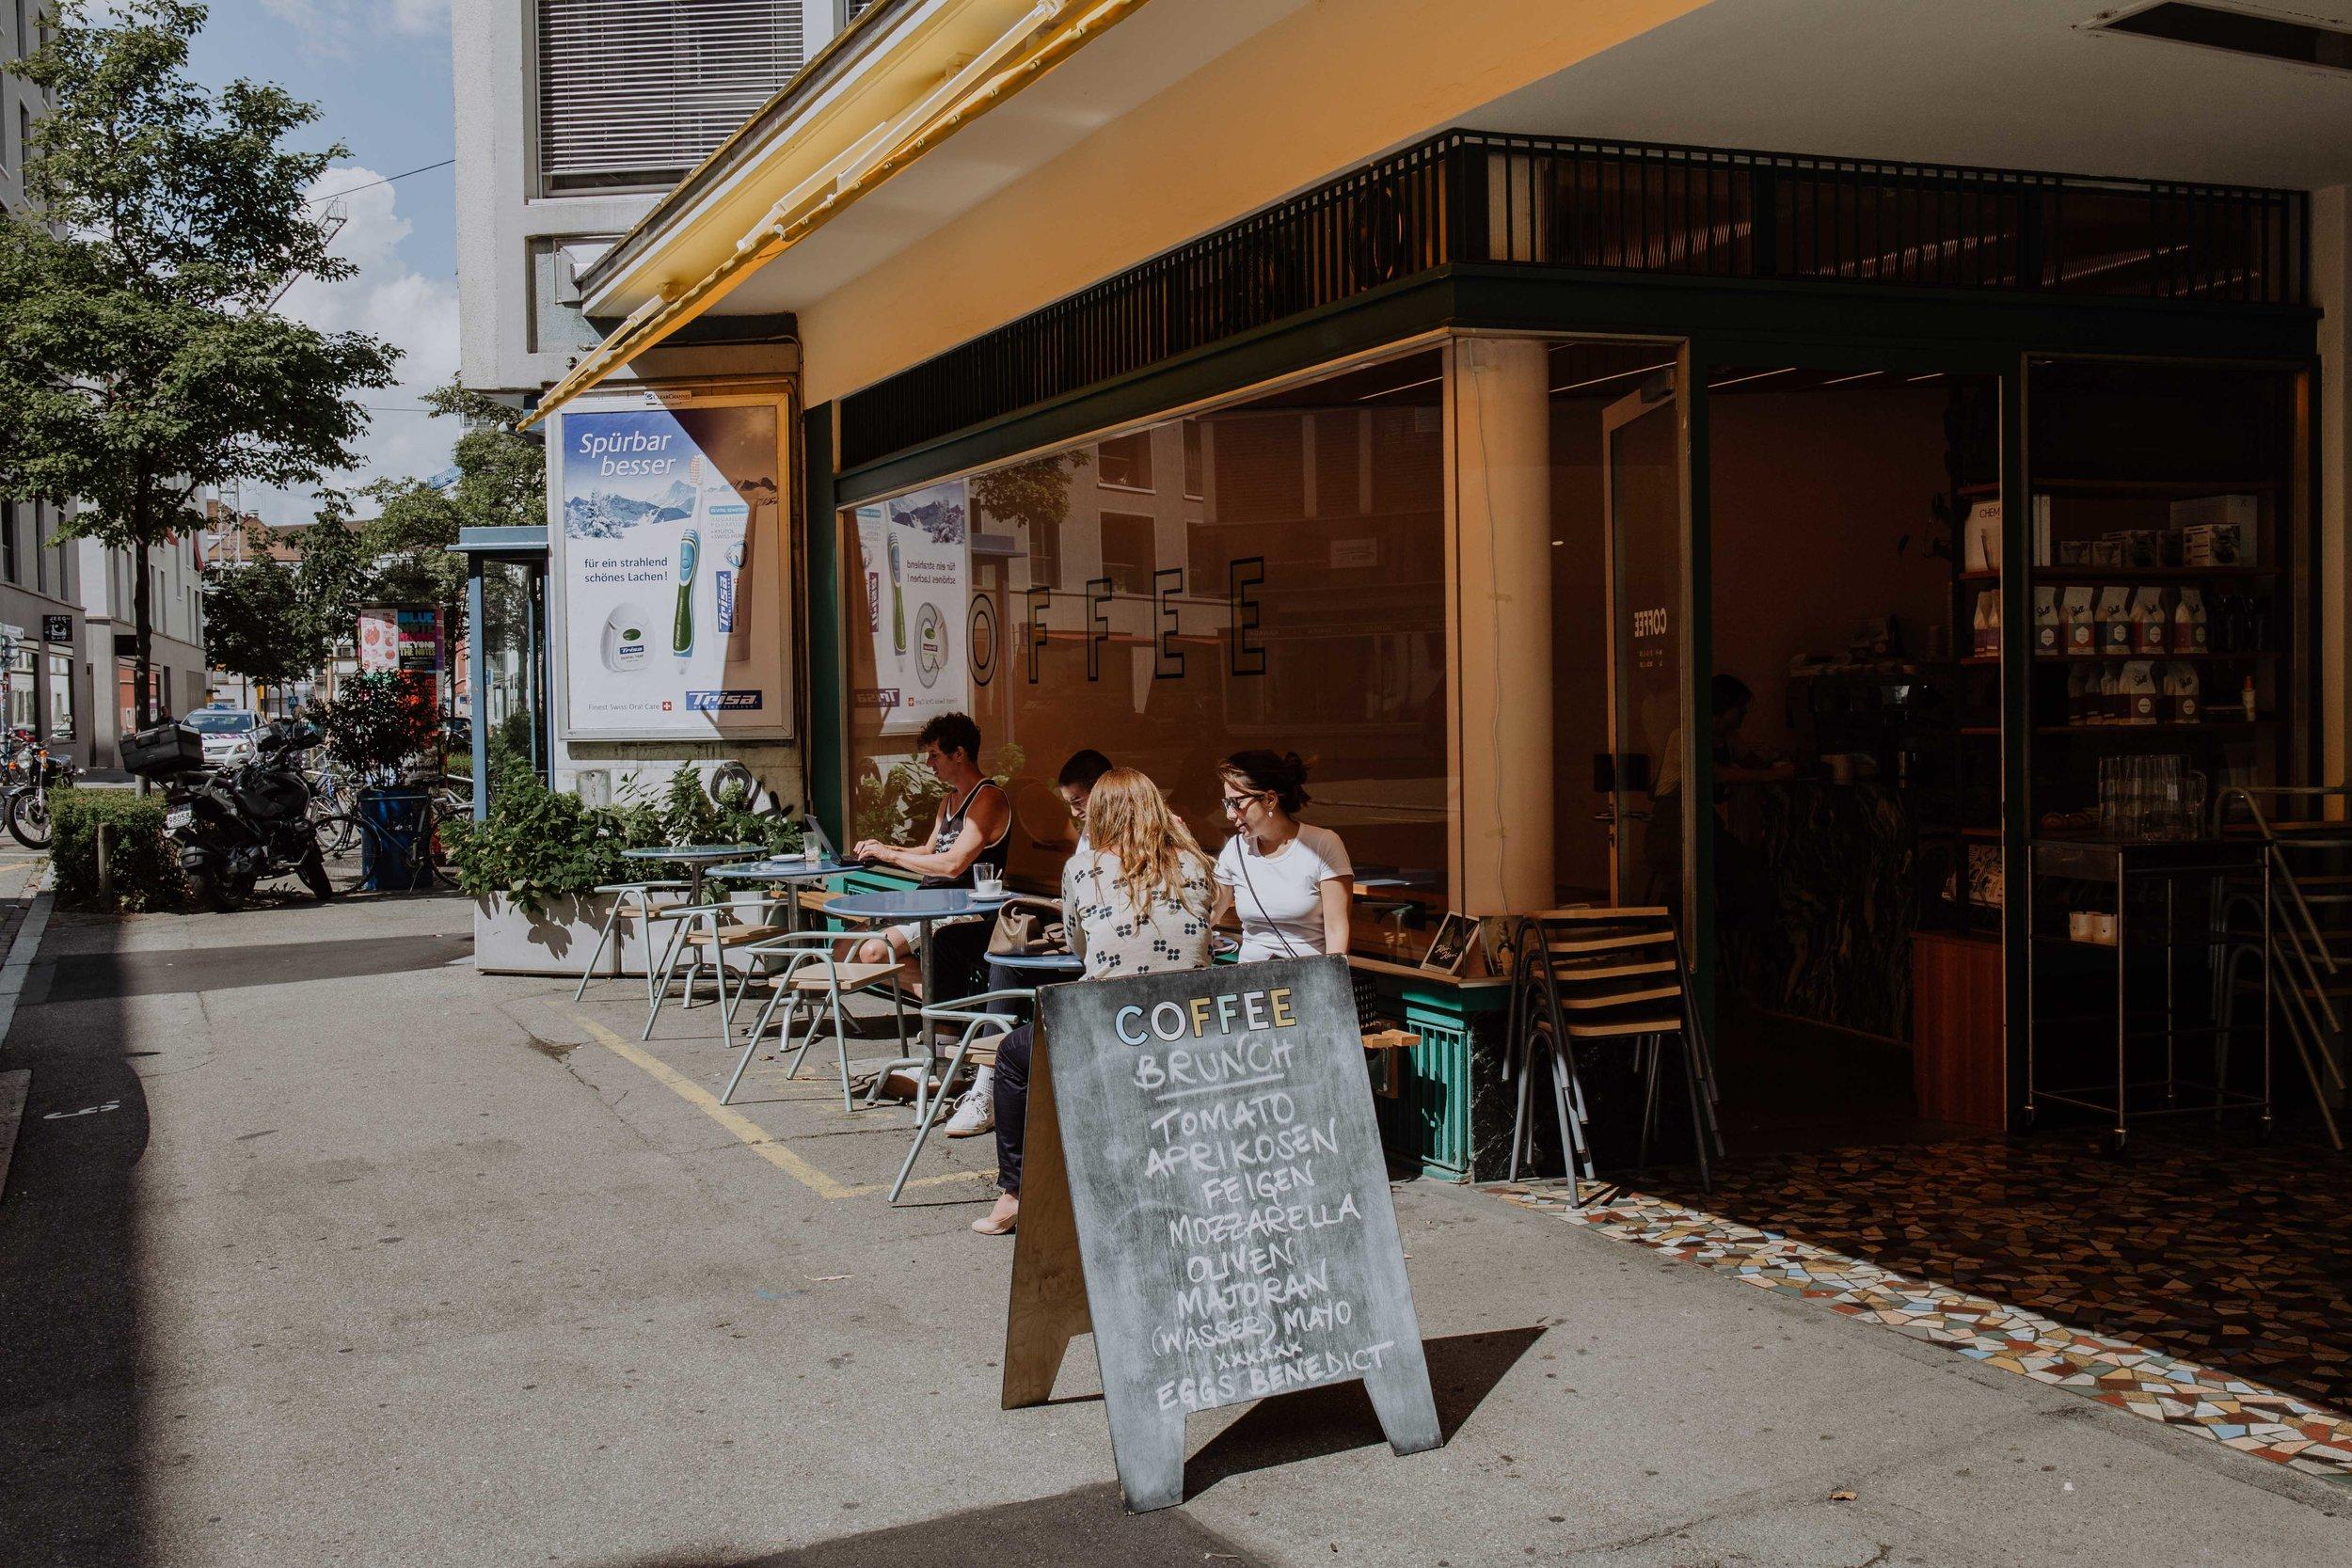 COFFEE café zurich